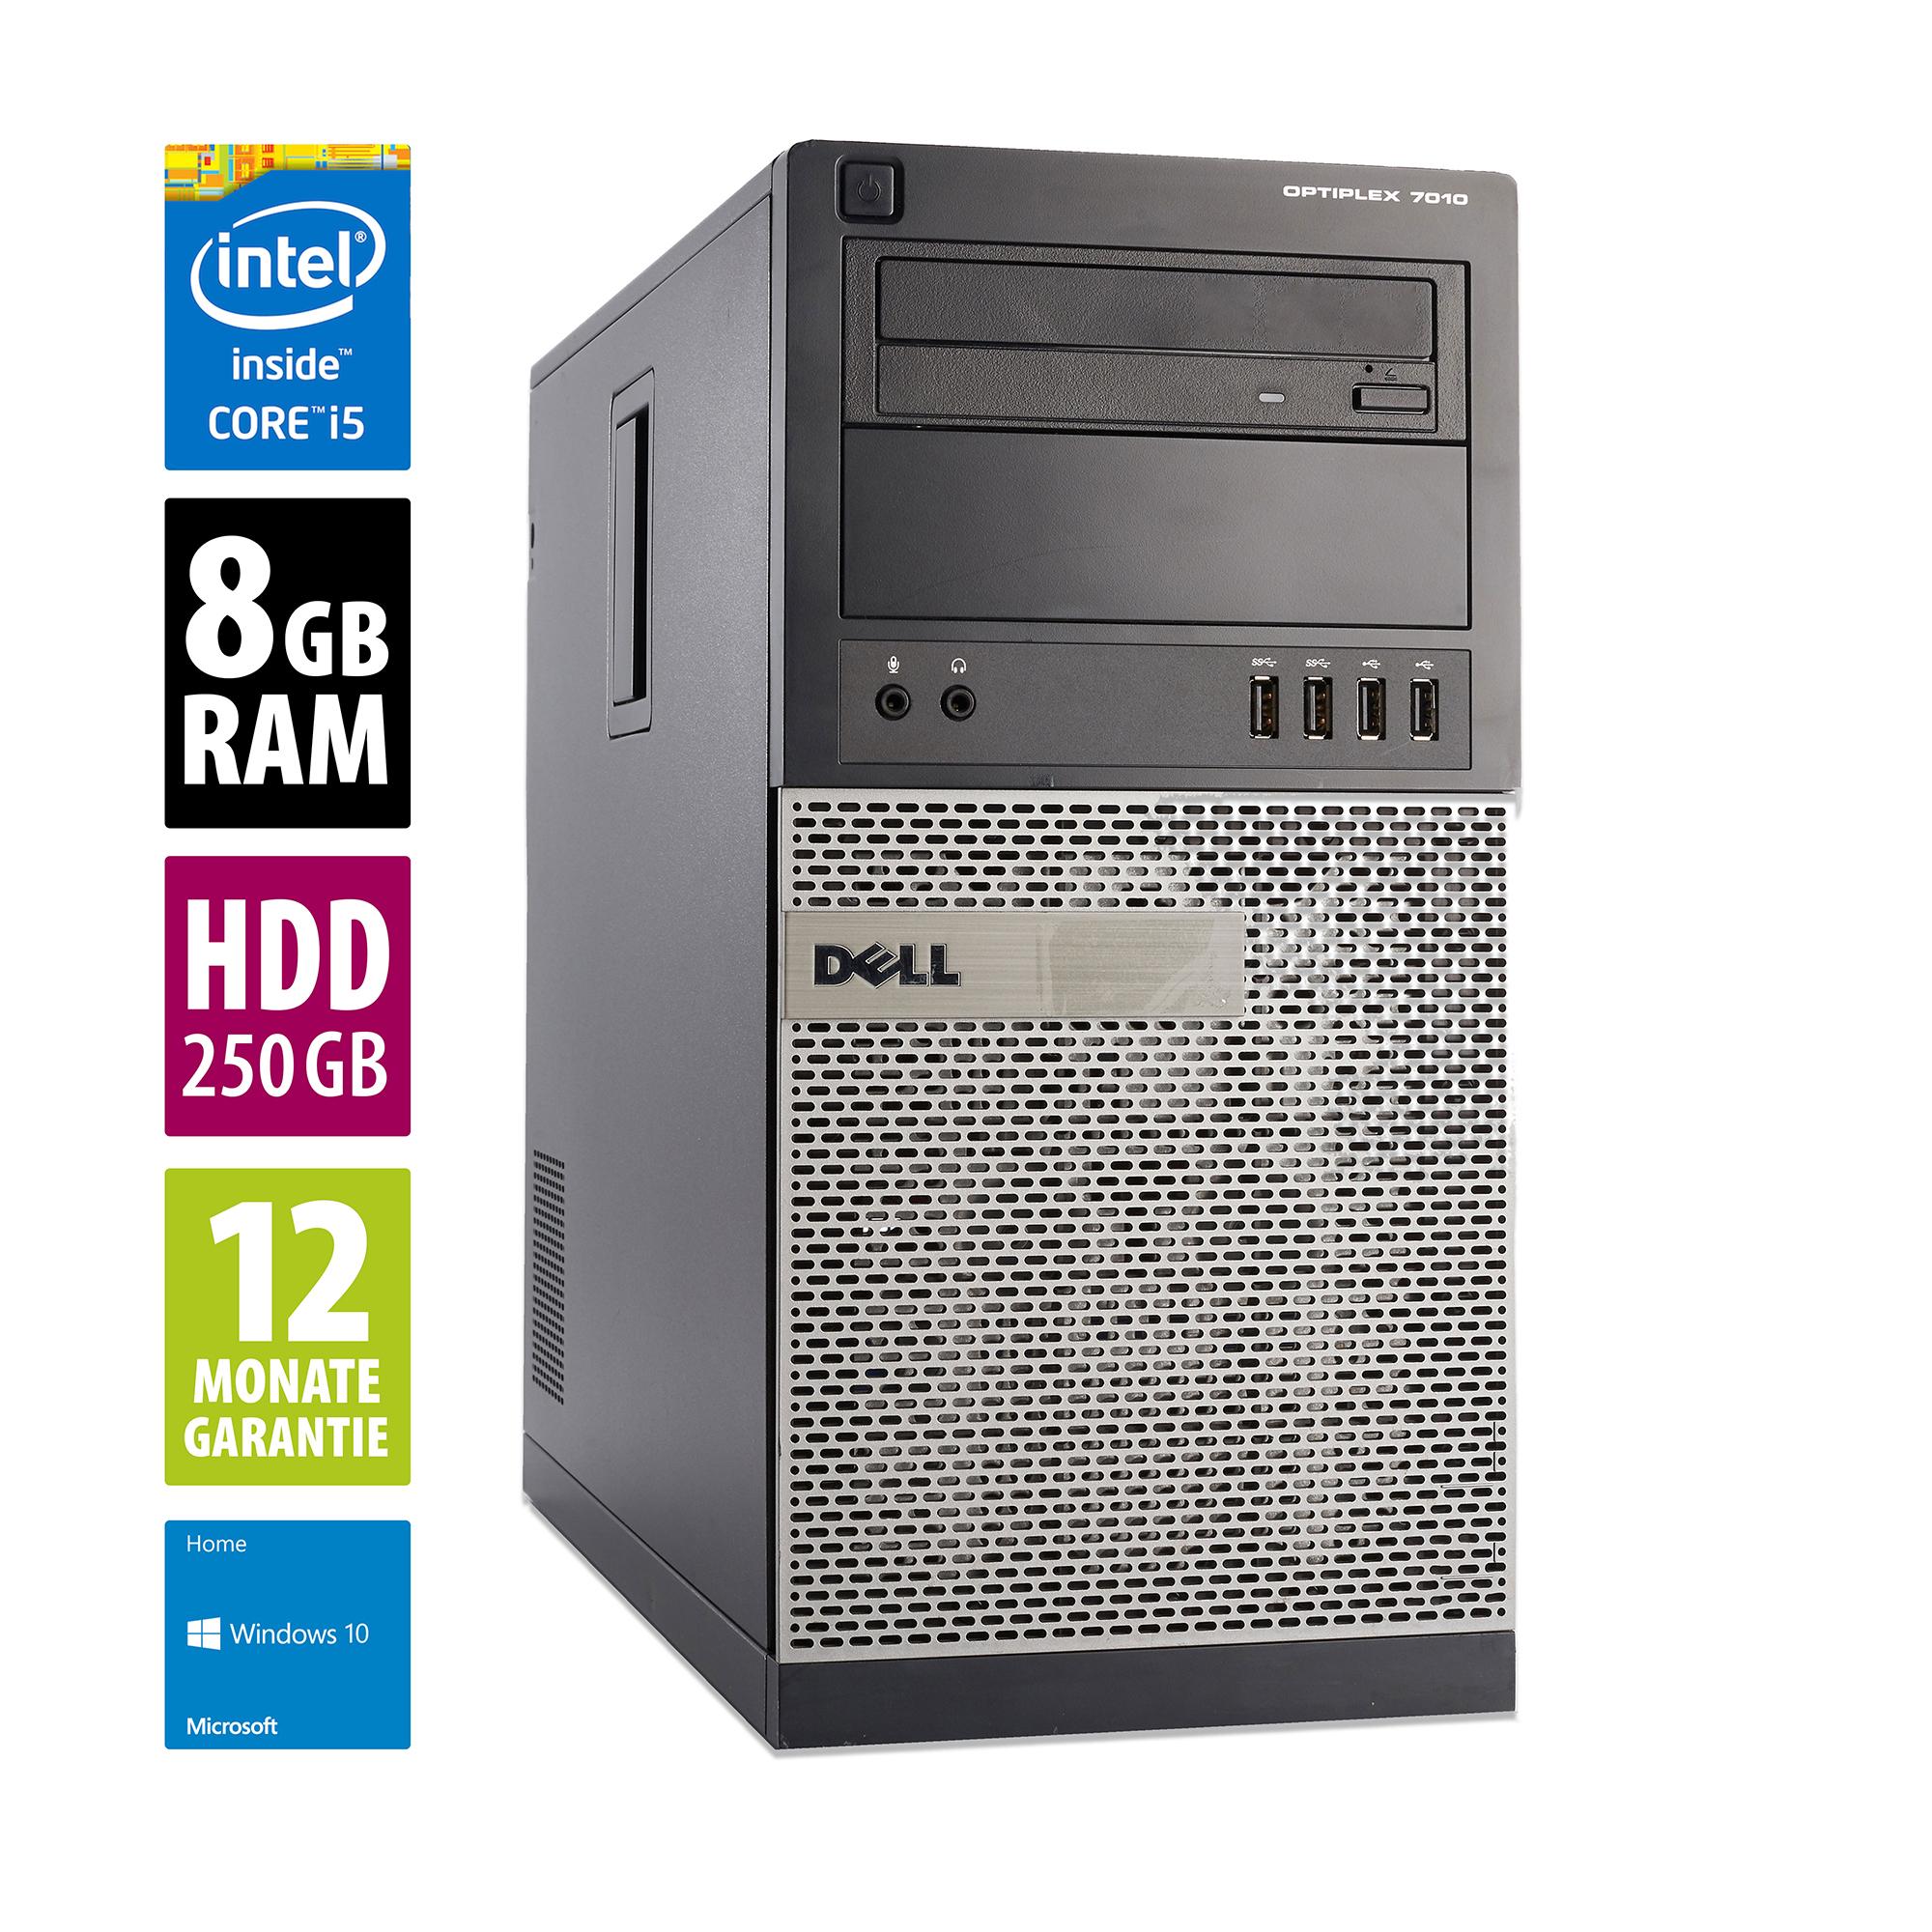 Dell OptiPlex 7010 MT - Core i5-3470 @ 3,2 GHz - 8GB RAM - 250GB HDD - DVD-ROM - Win10Home